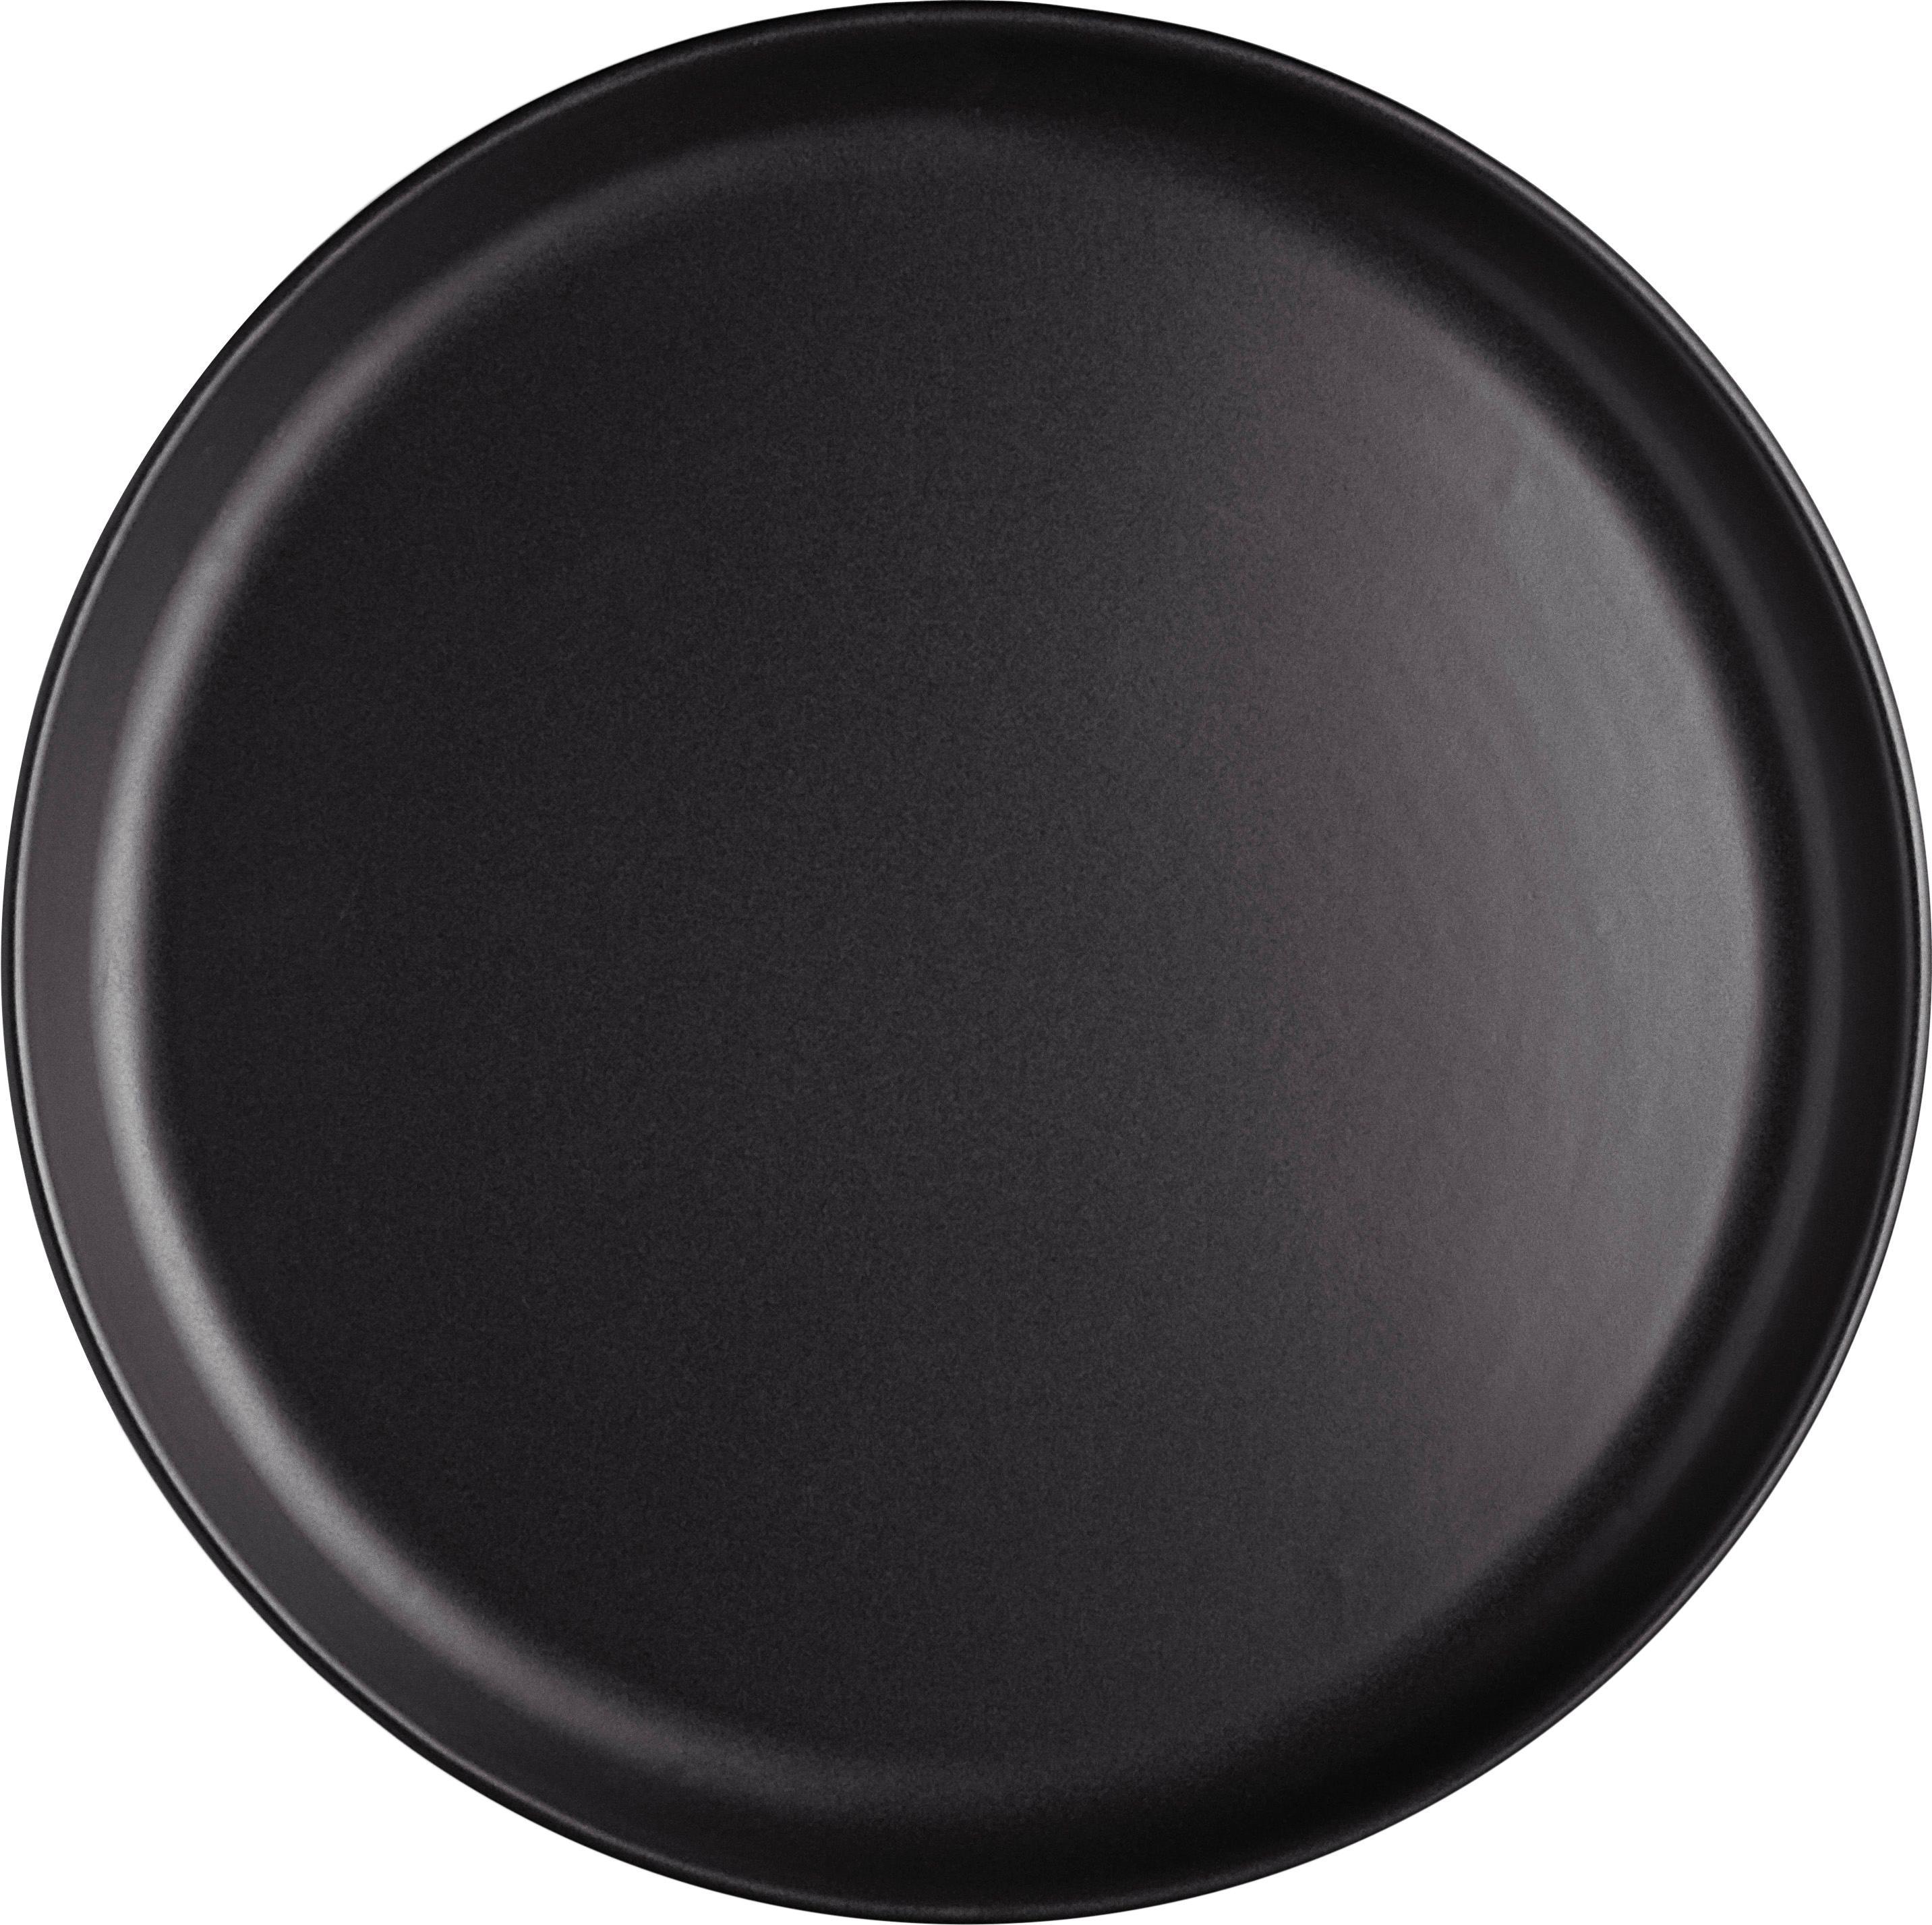 Talerz duży Nordic Kitchen, 4 szt., Kamionka, Czarny, matowy, Ø 25 cm